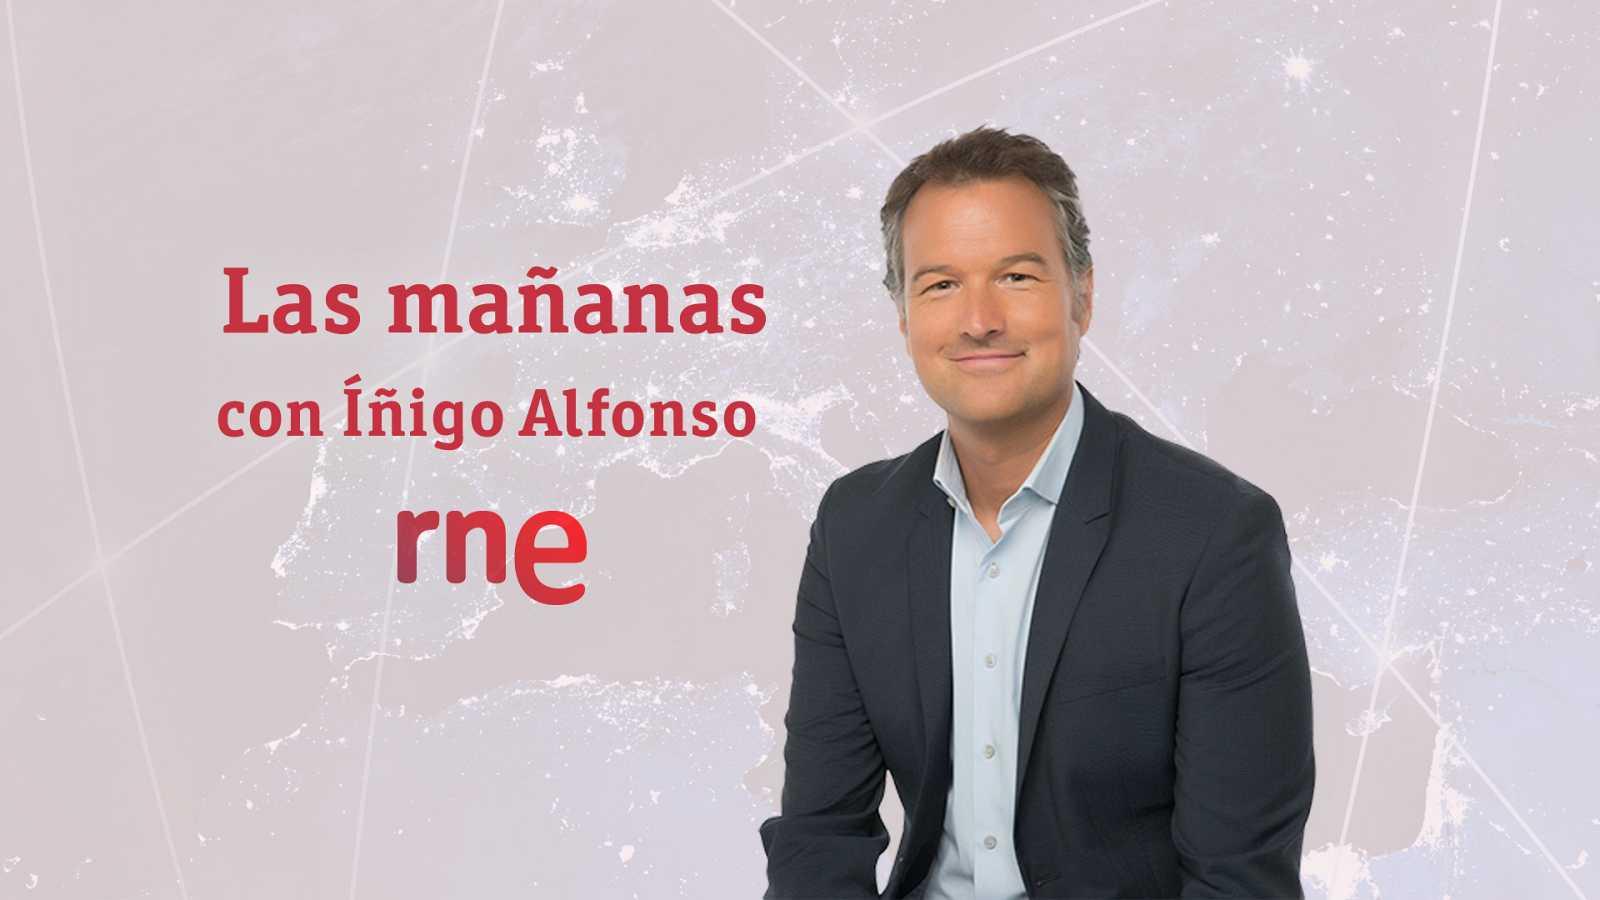 Las mañanas de RNE con Íñigo Alfonso - Primera hora - 02/12/20 - escuchar ahora